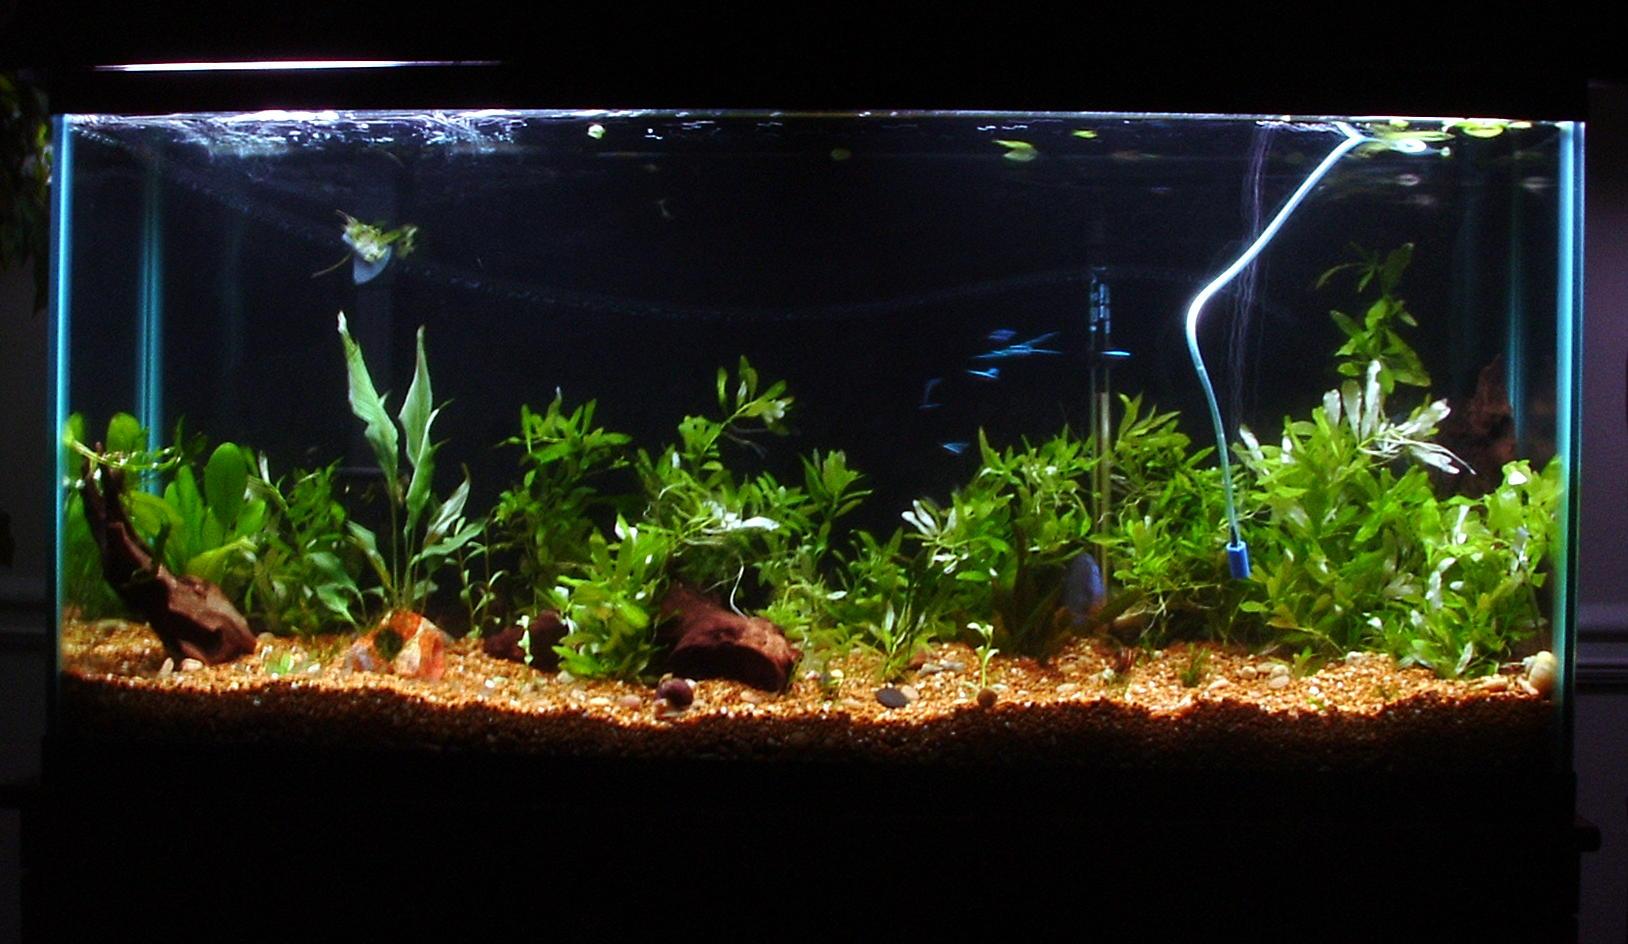 cichlids.com: Newly planted Discus tank